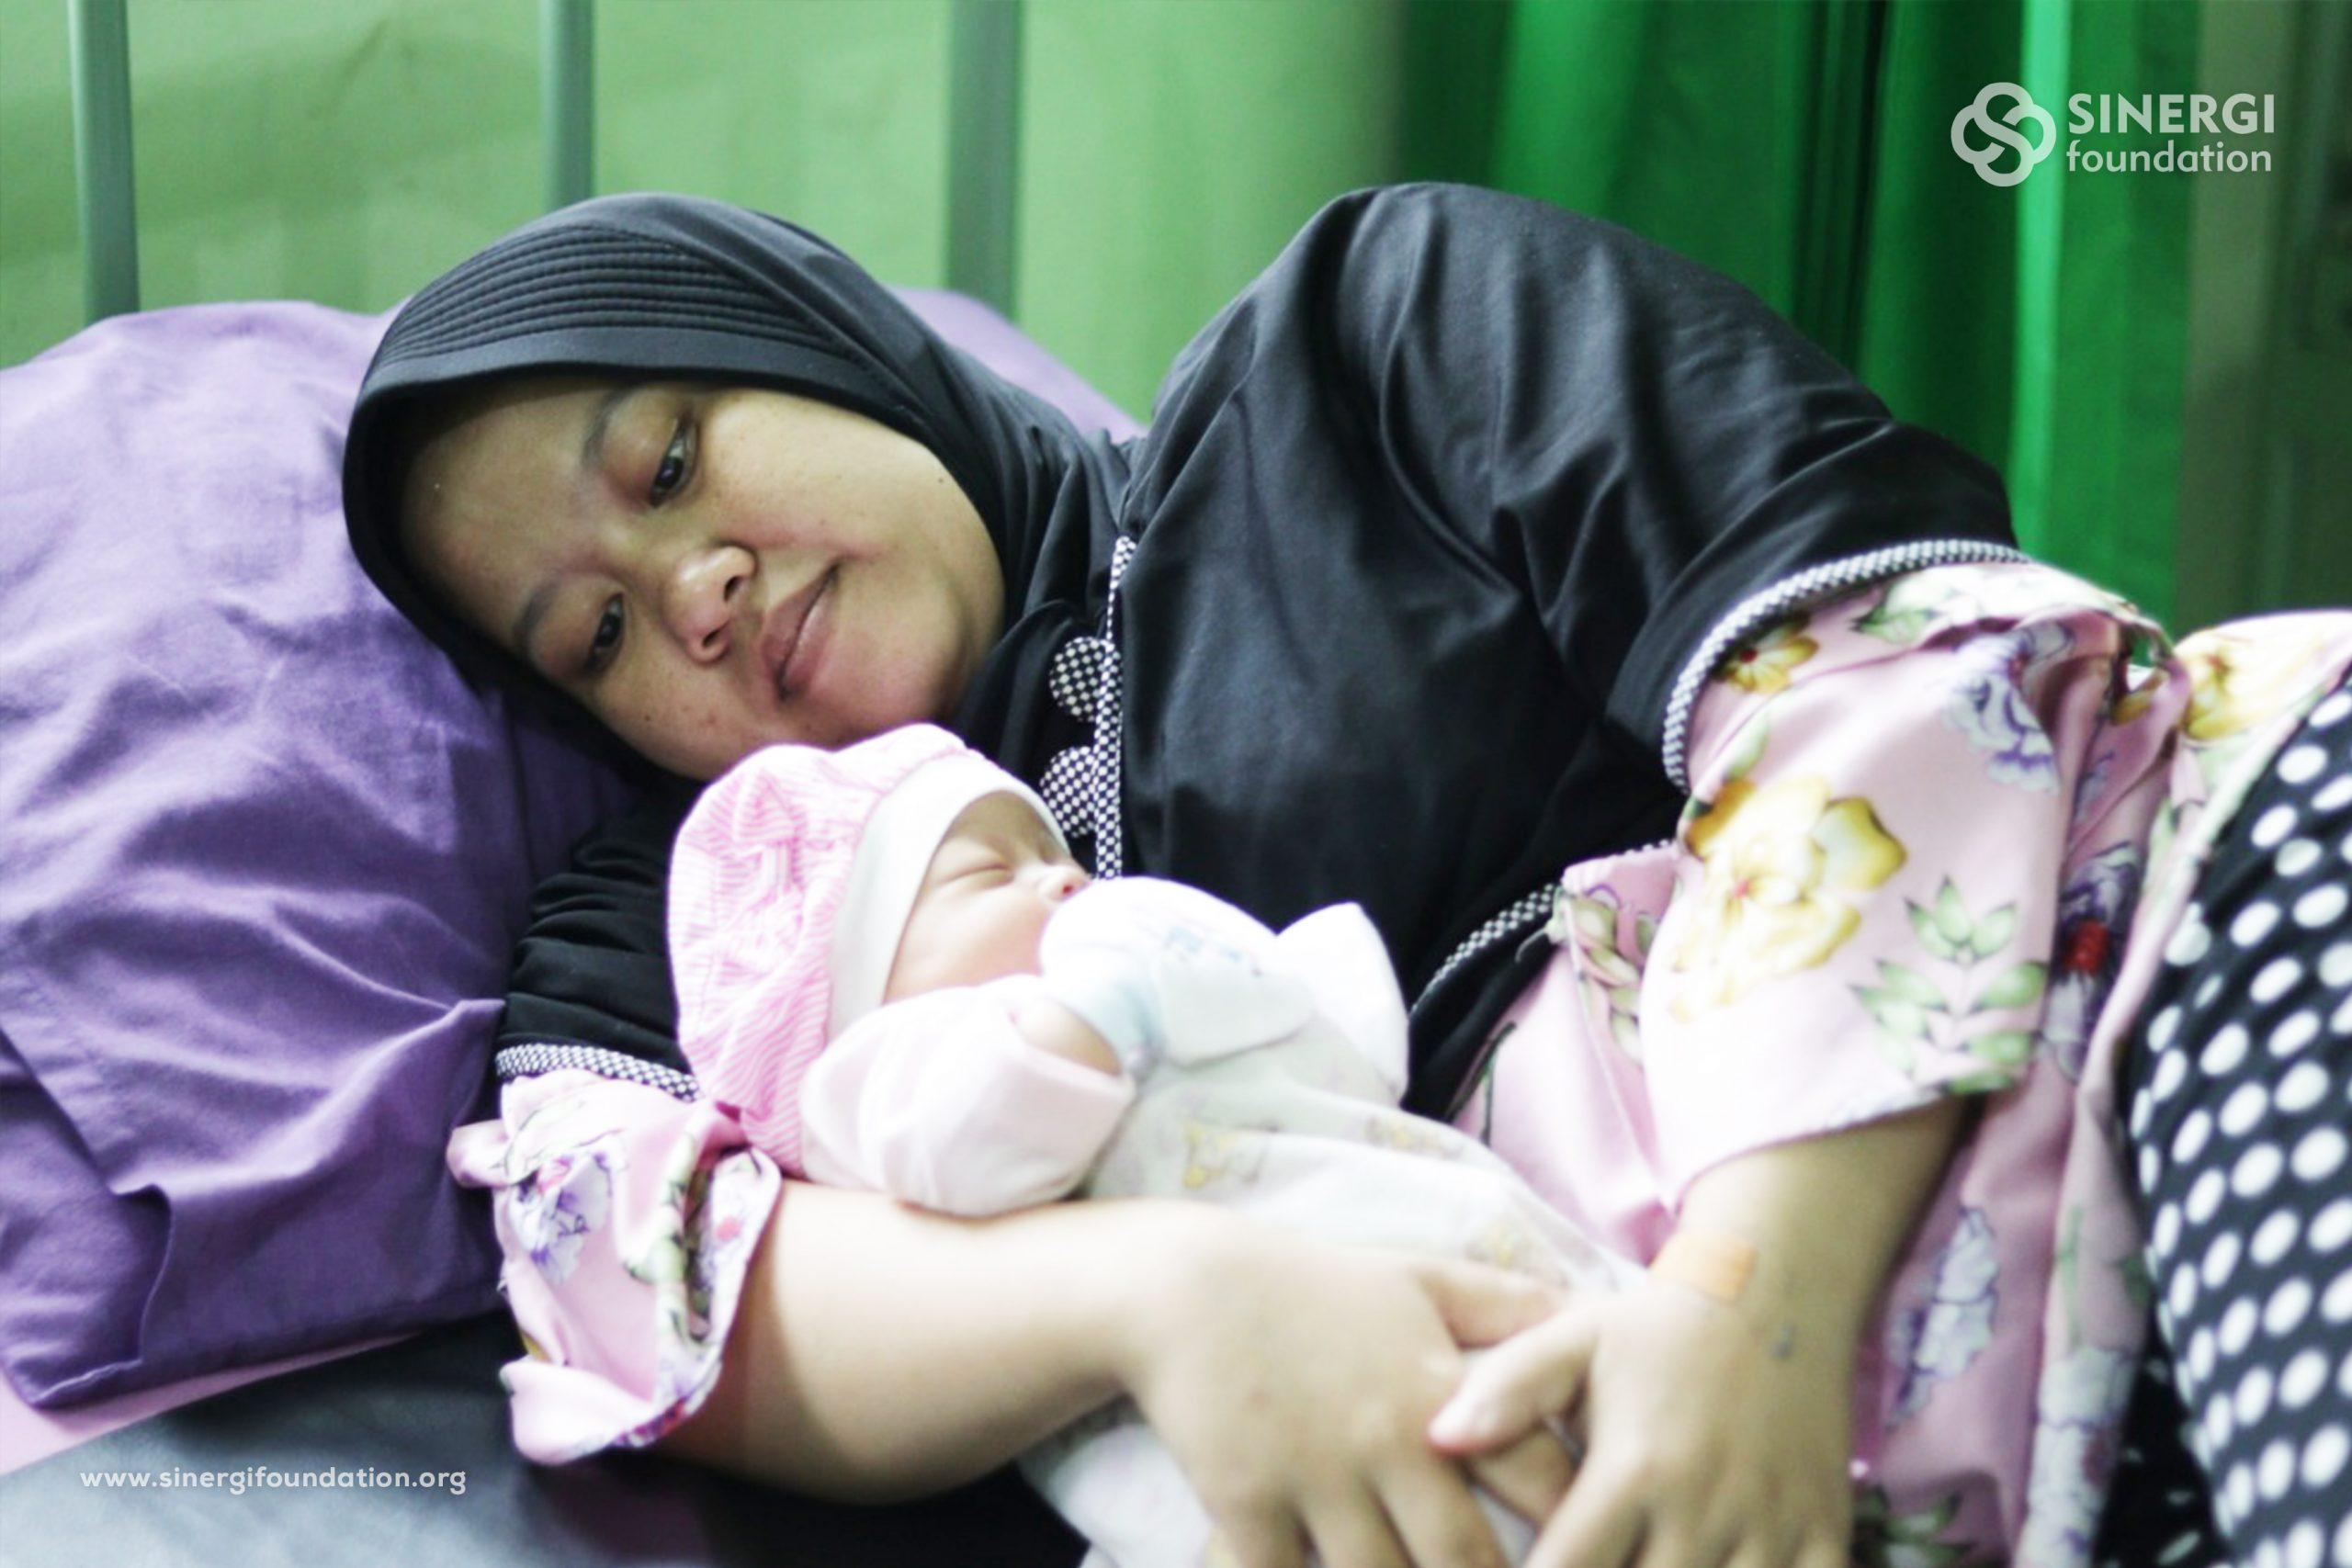 klinik wakaf ibu & anak, kwia, rumah bersalin cuma-cuma, rbc, kehamilan, persalinan, dhuafa